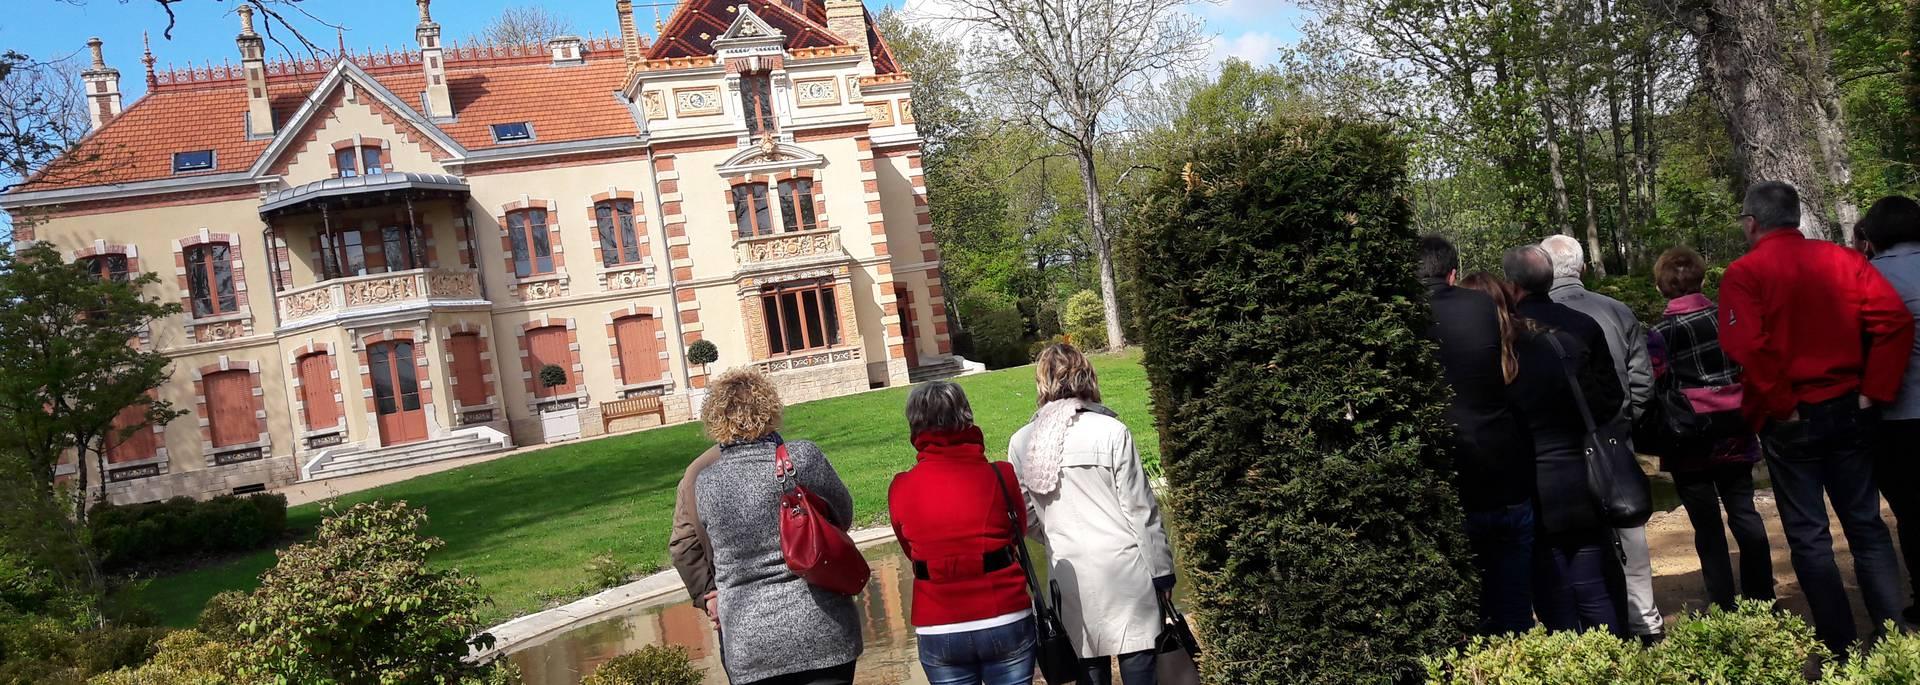 Visite guidée du jardin de la Villa Perrusson, Écuisses. © Creusot Montceau Tourisme.